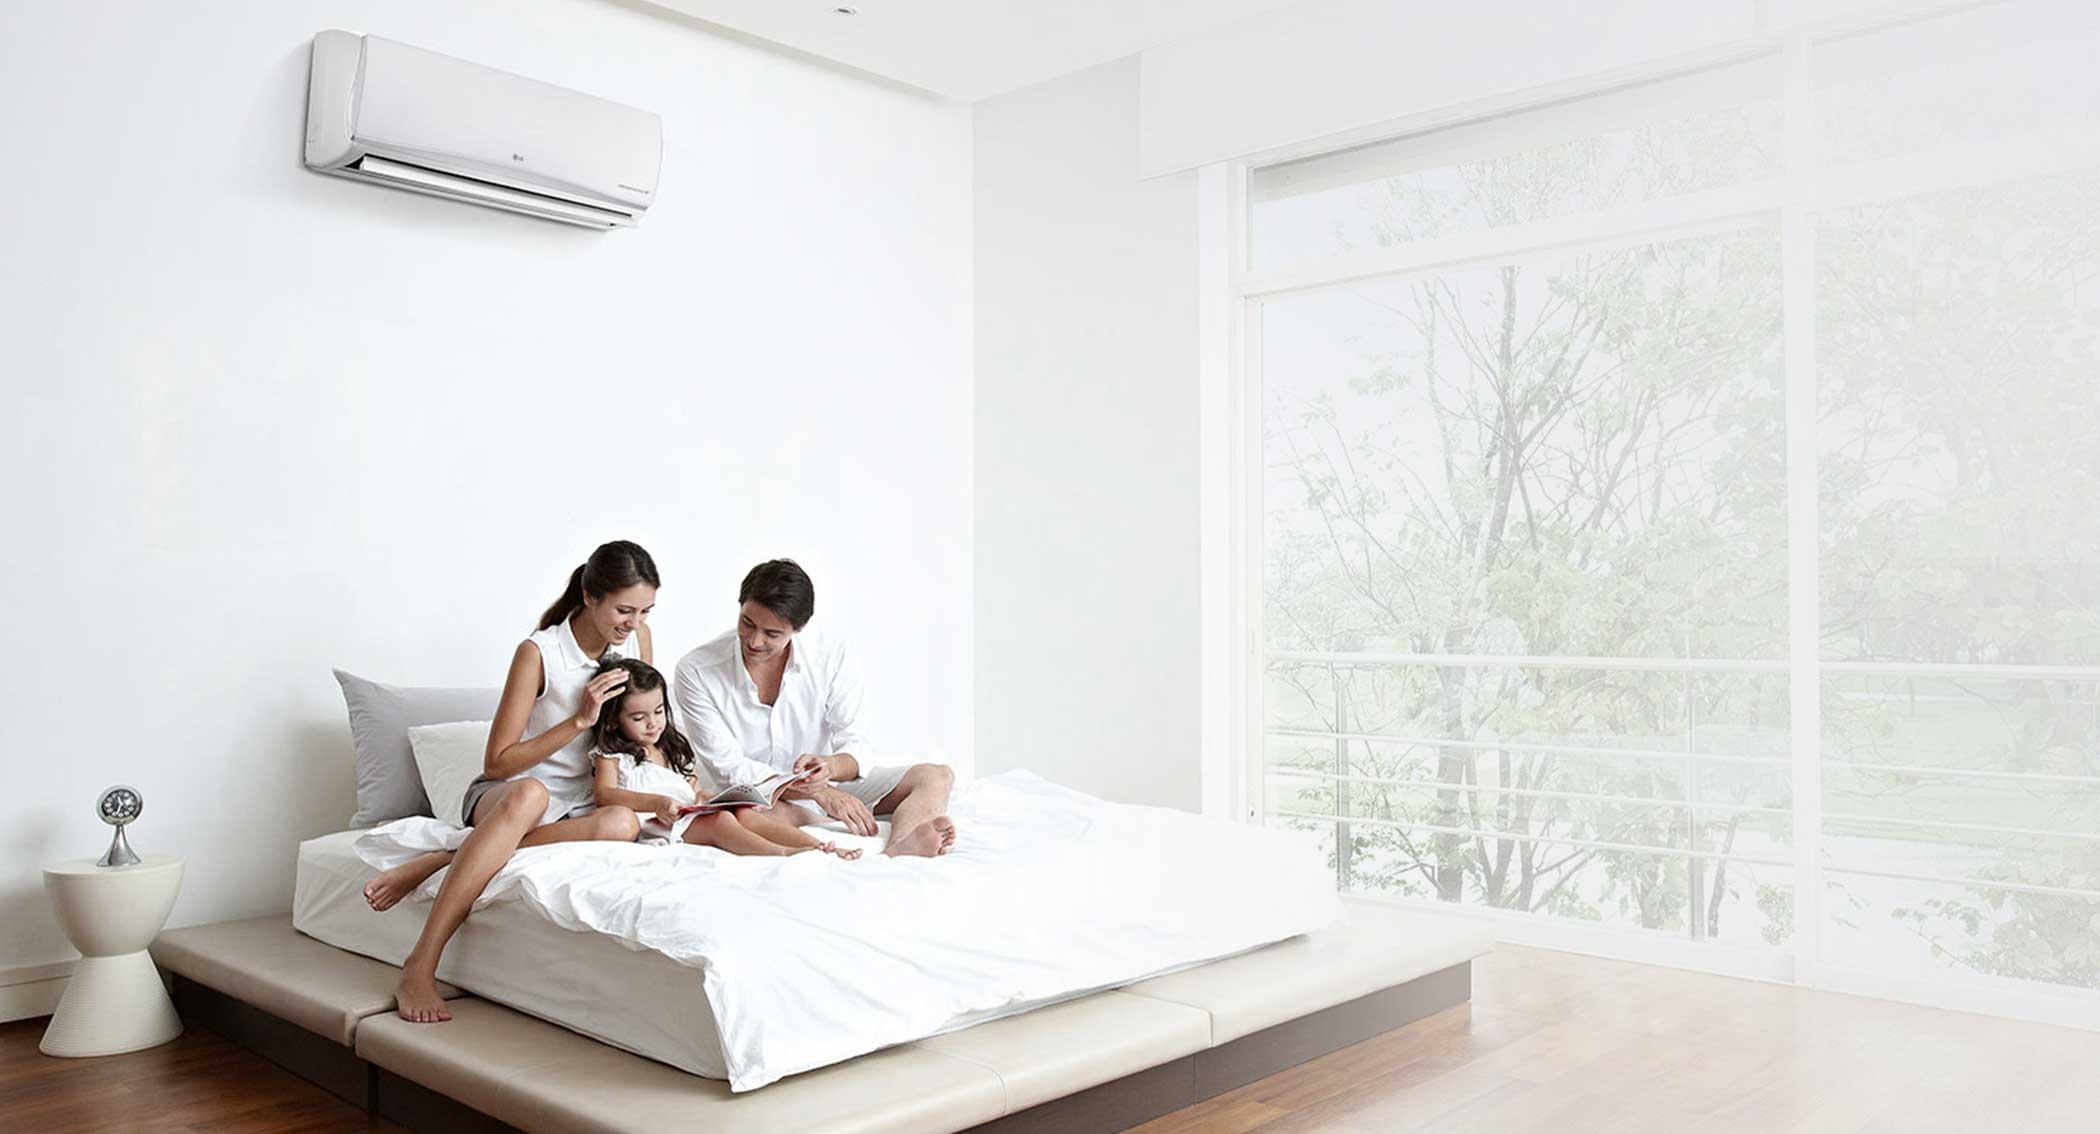 Airconditioning In Slaapkamer : Airco in uw slaapkamer quickair uw airco installateur in limburg